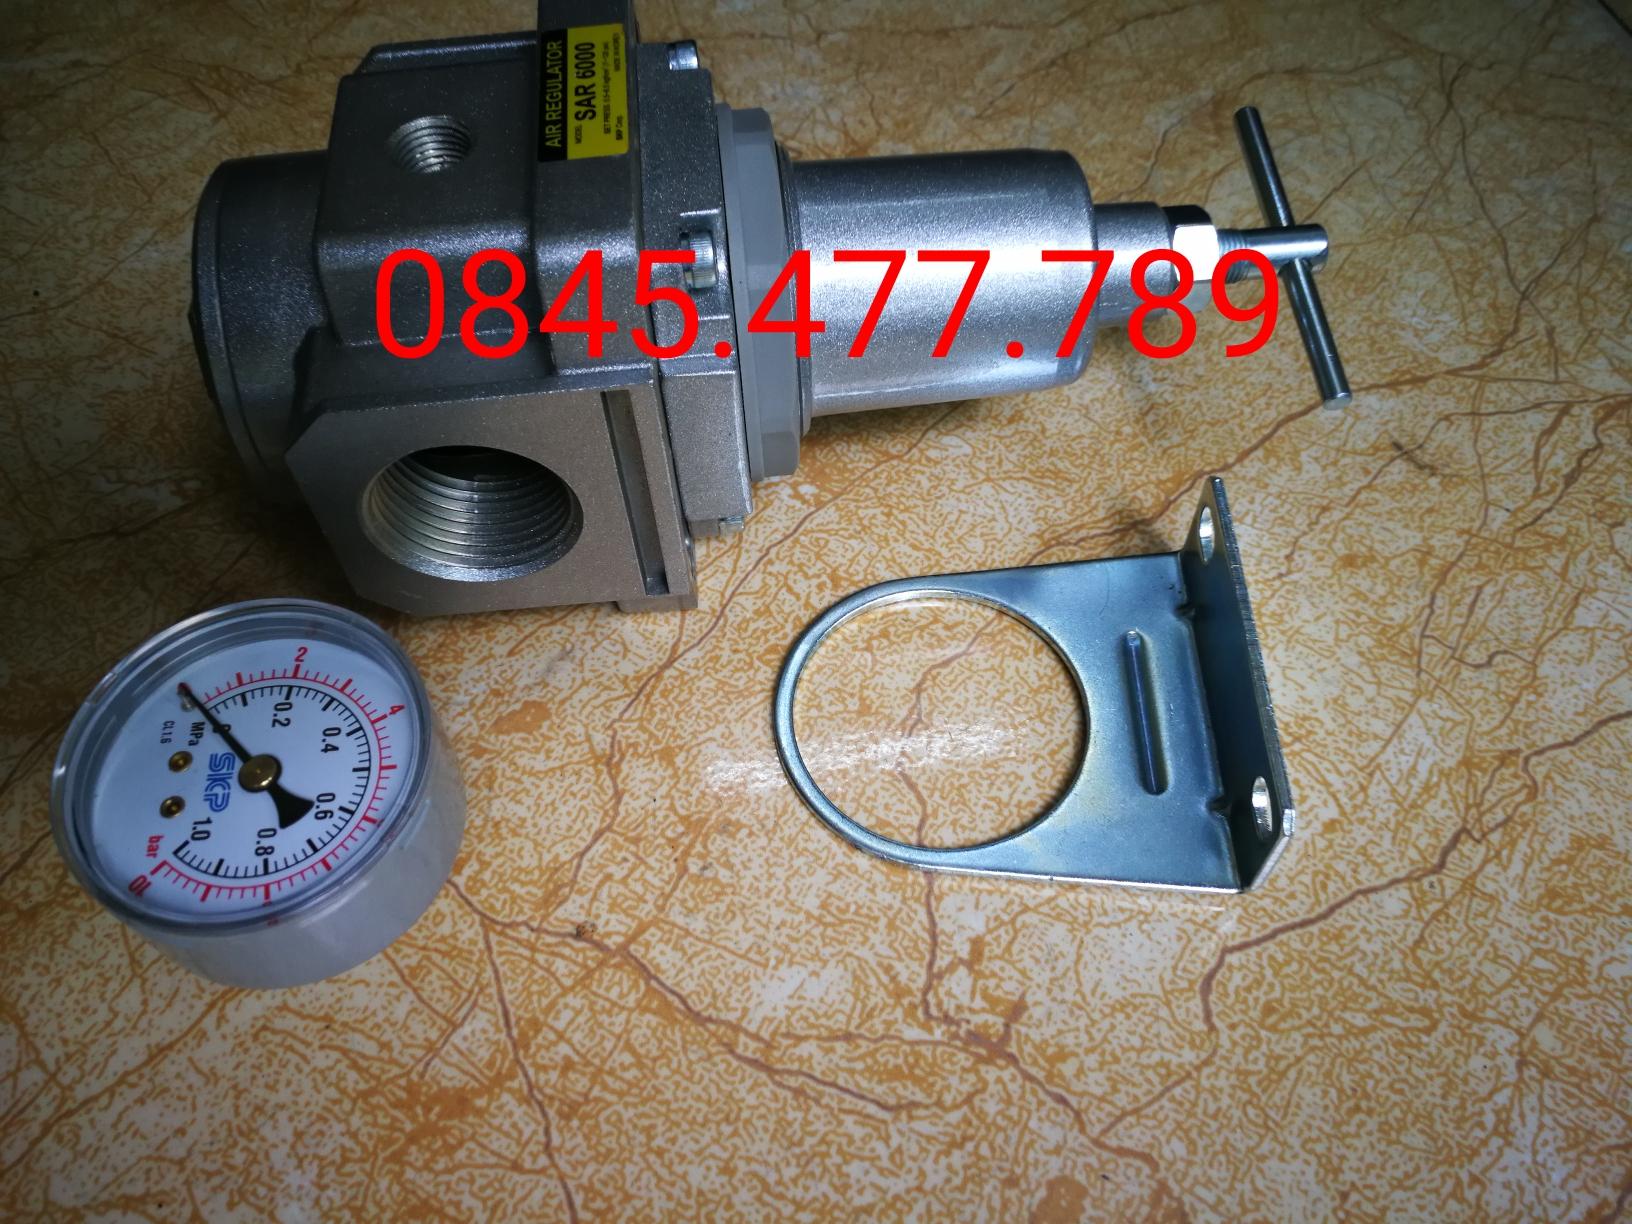 Bộ điều chỉnh áp suất khí nén SAR6000T-10BG